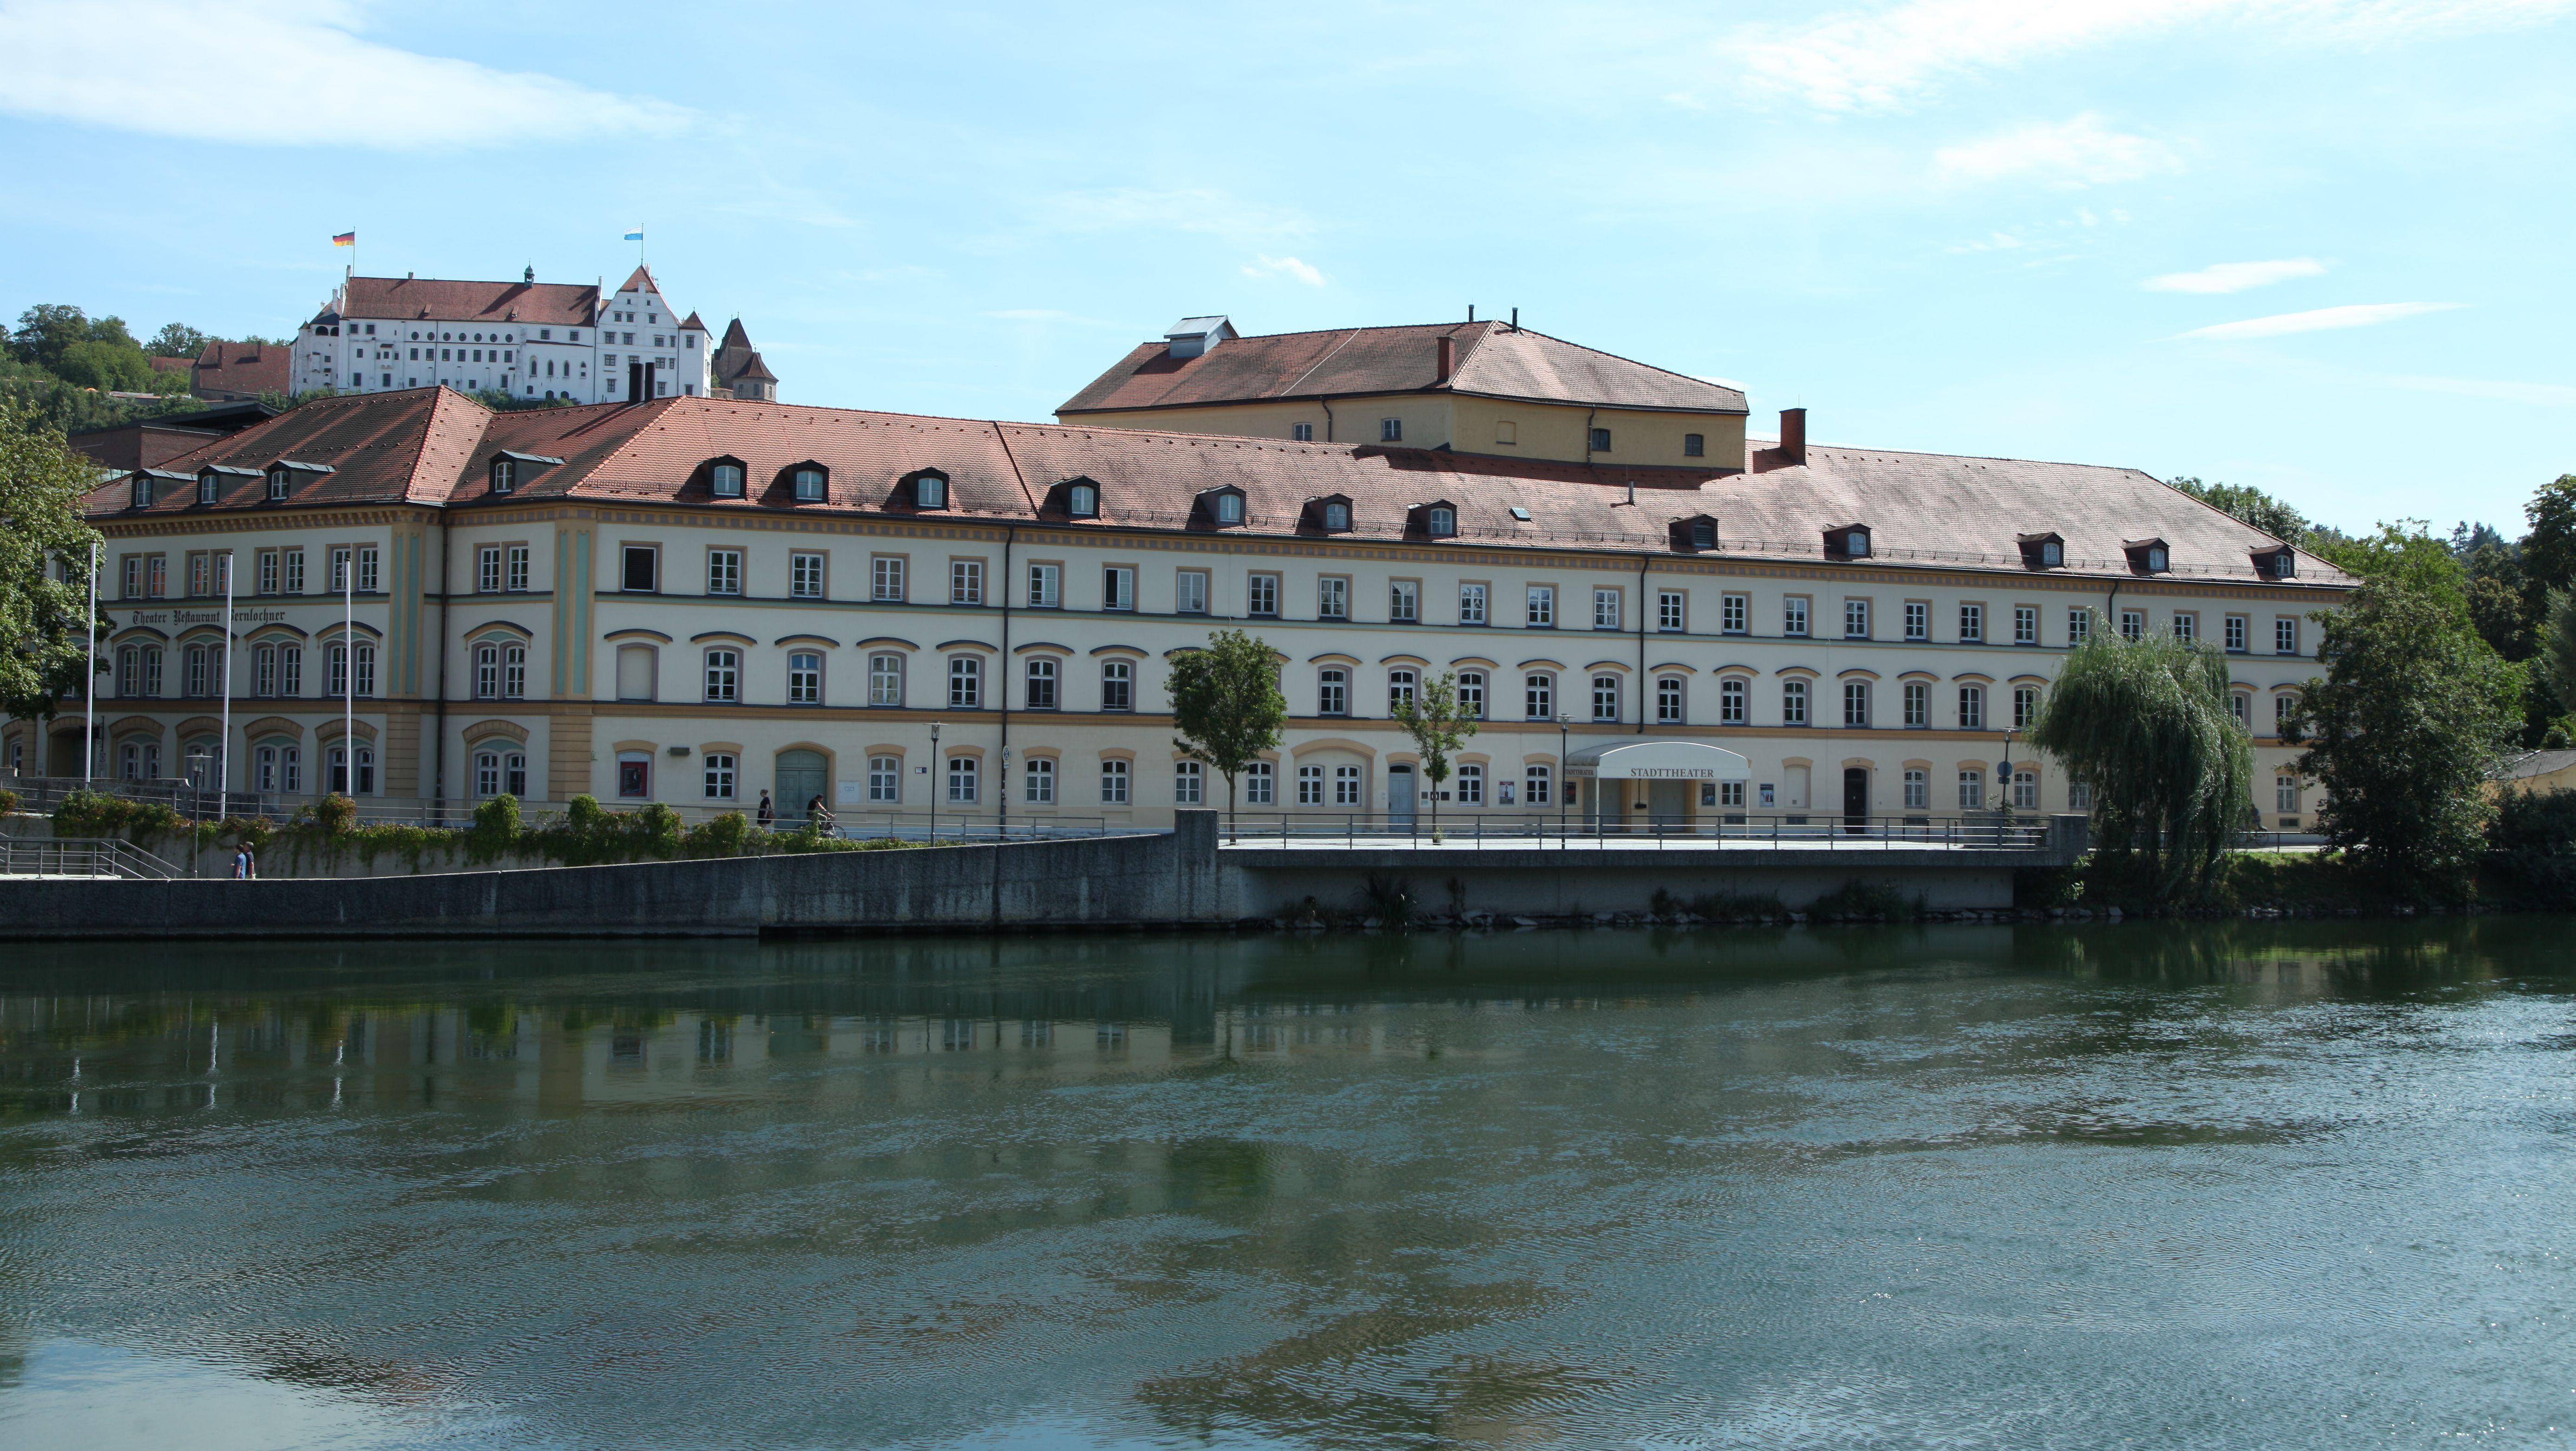 Das sanierungsbedürftige Stadttheater Landshut an der Isar